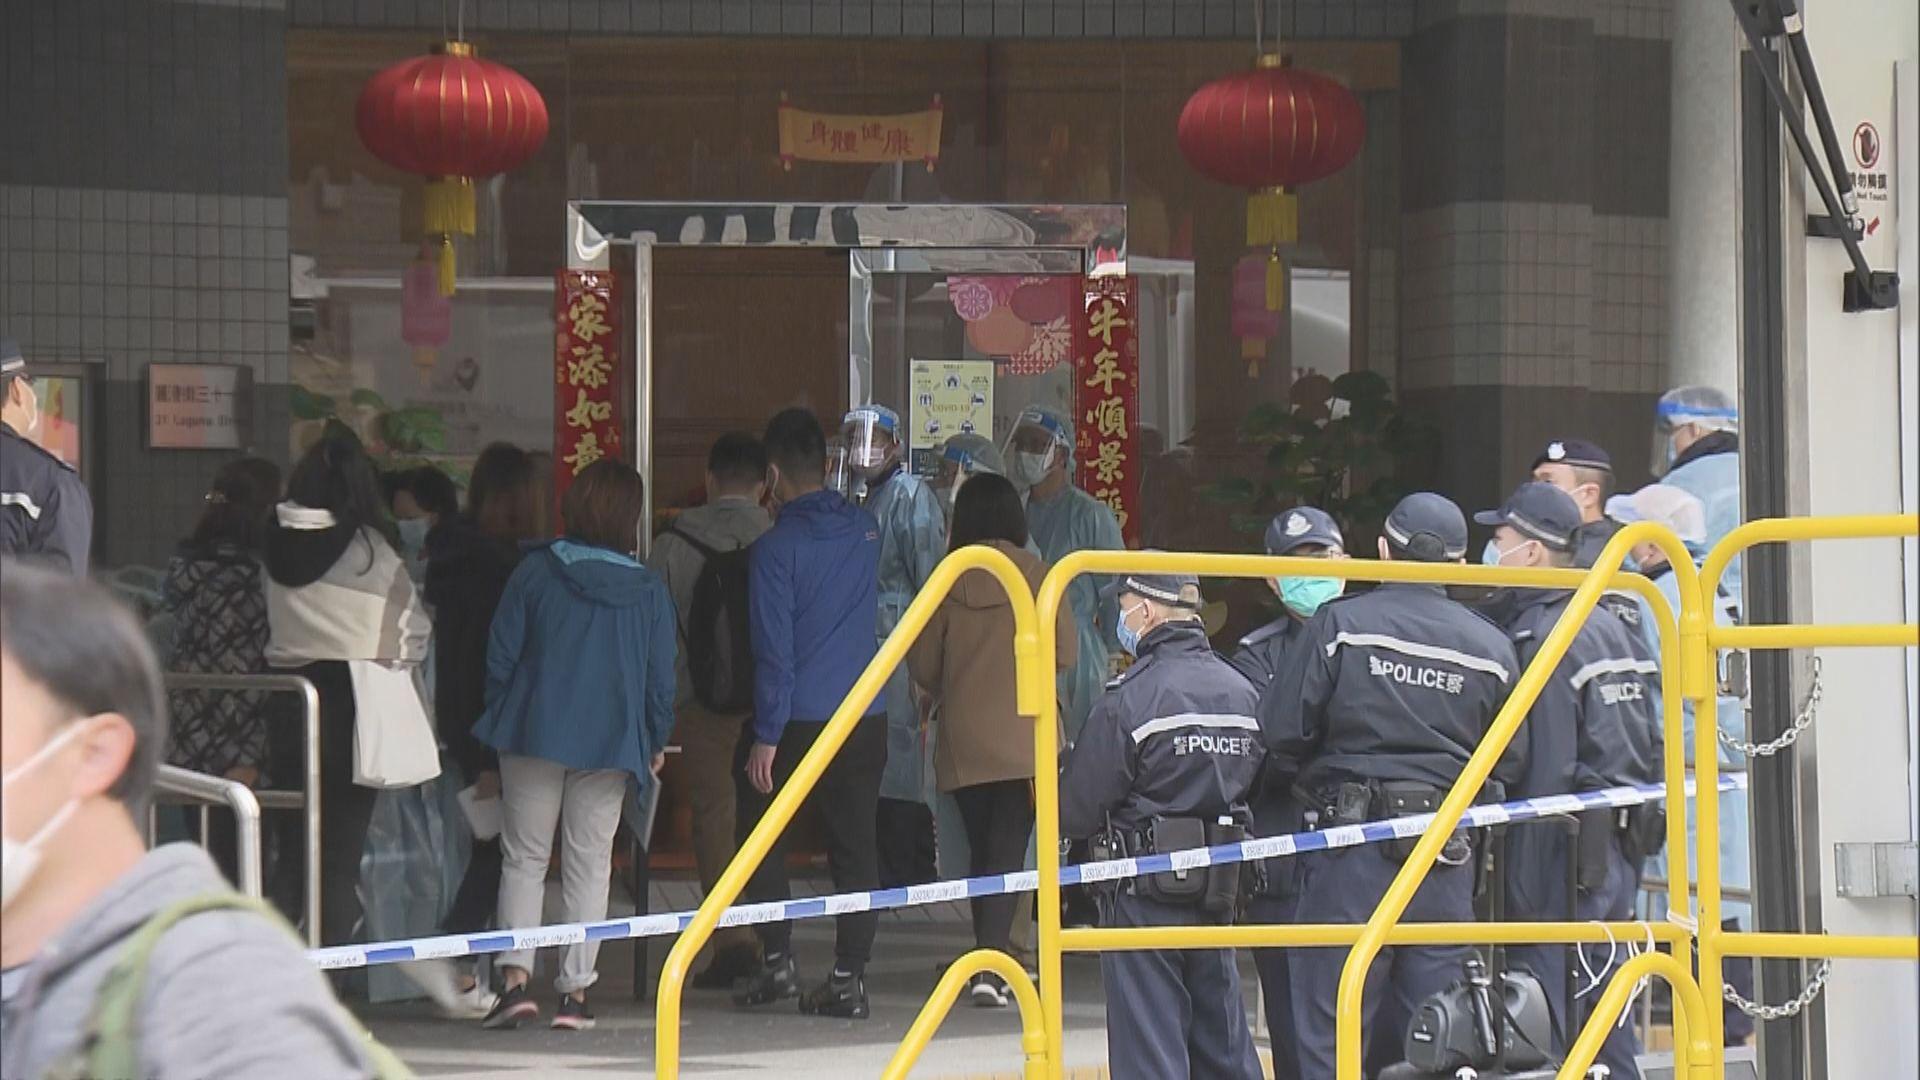 政府昨圍封麗港城五、七座 一工作人員遭檢人士襲擊